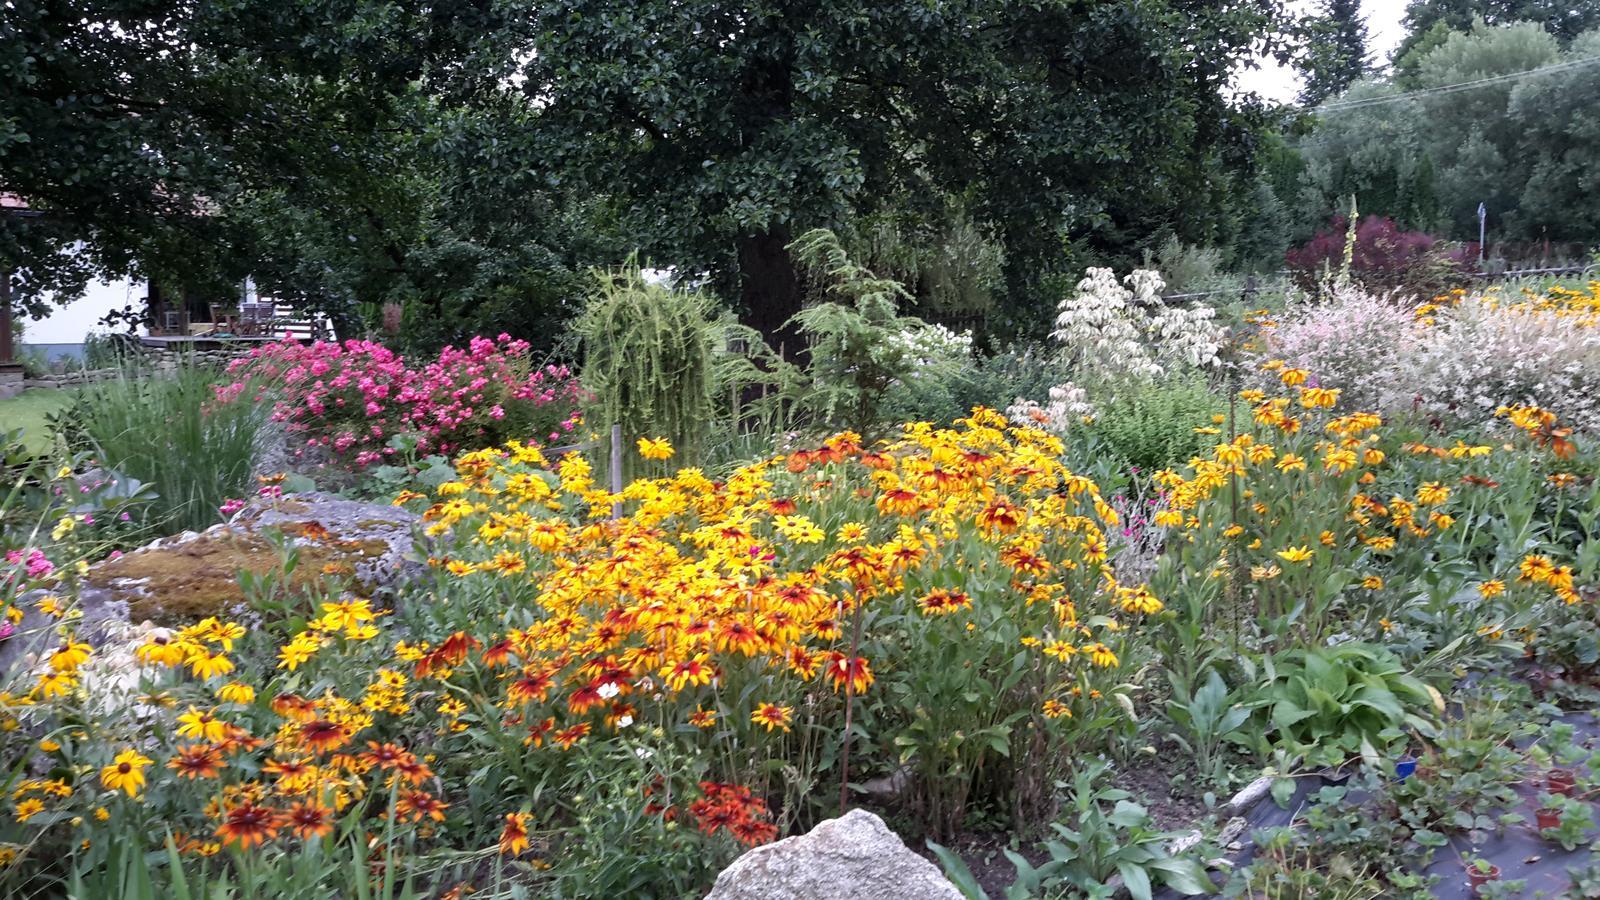 Jihočeská venkovská zahrada. - Když rozkvetou třapatky,je zahrada nejkrásnější zdaleka.